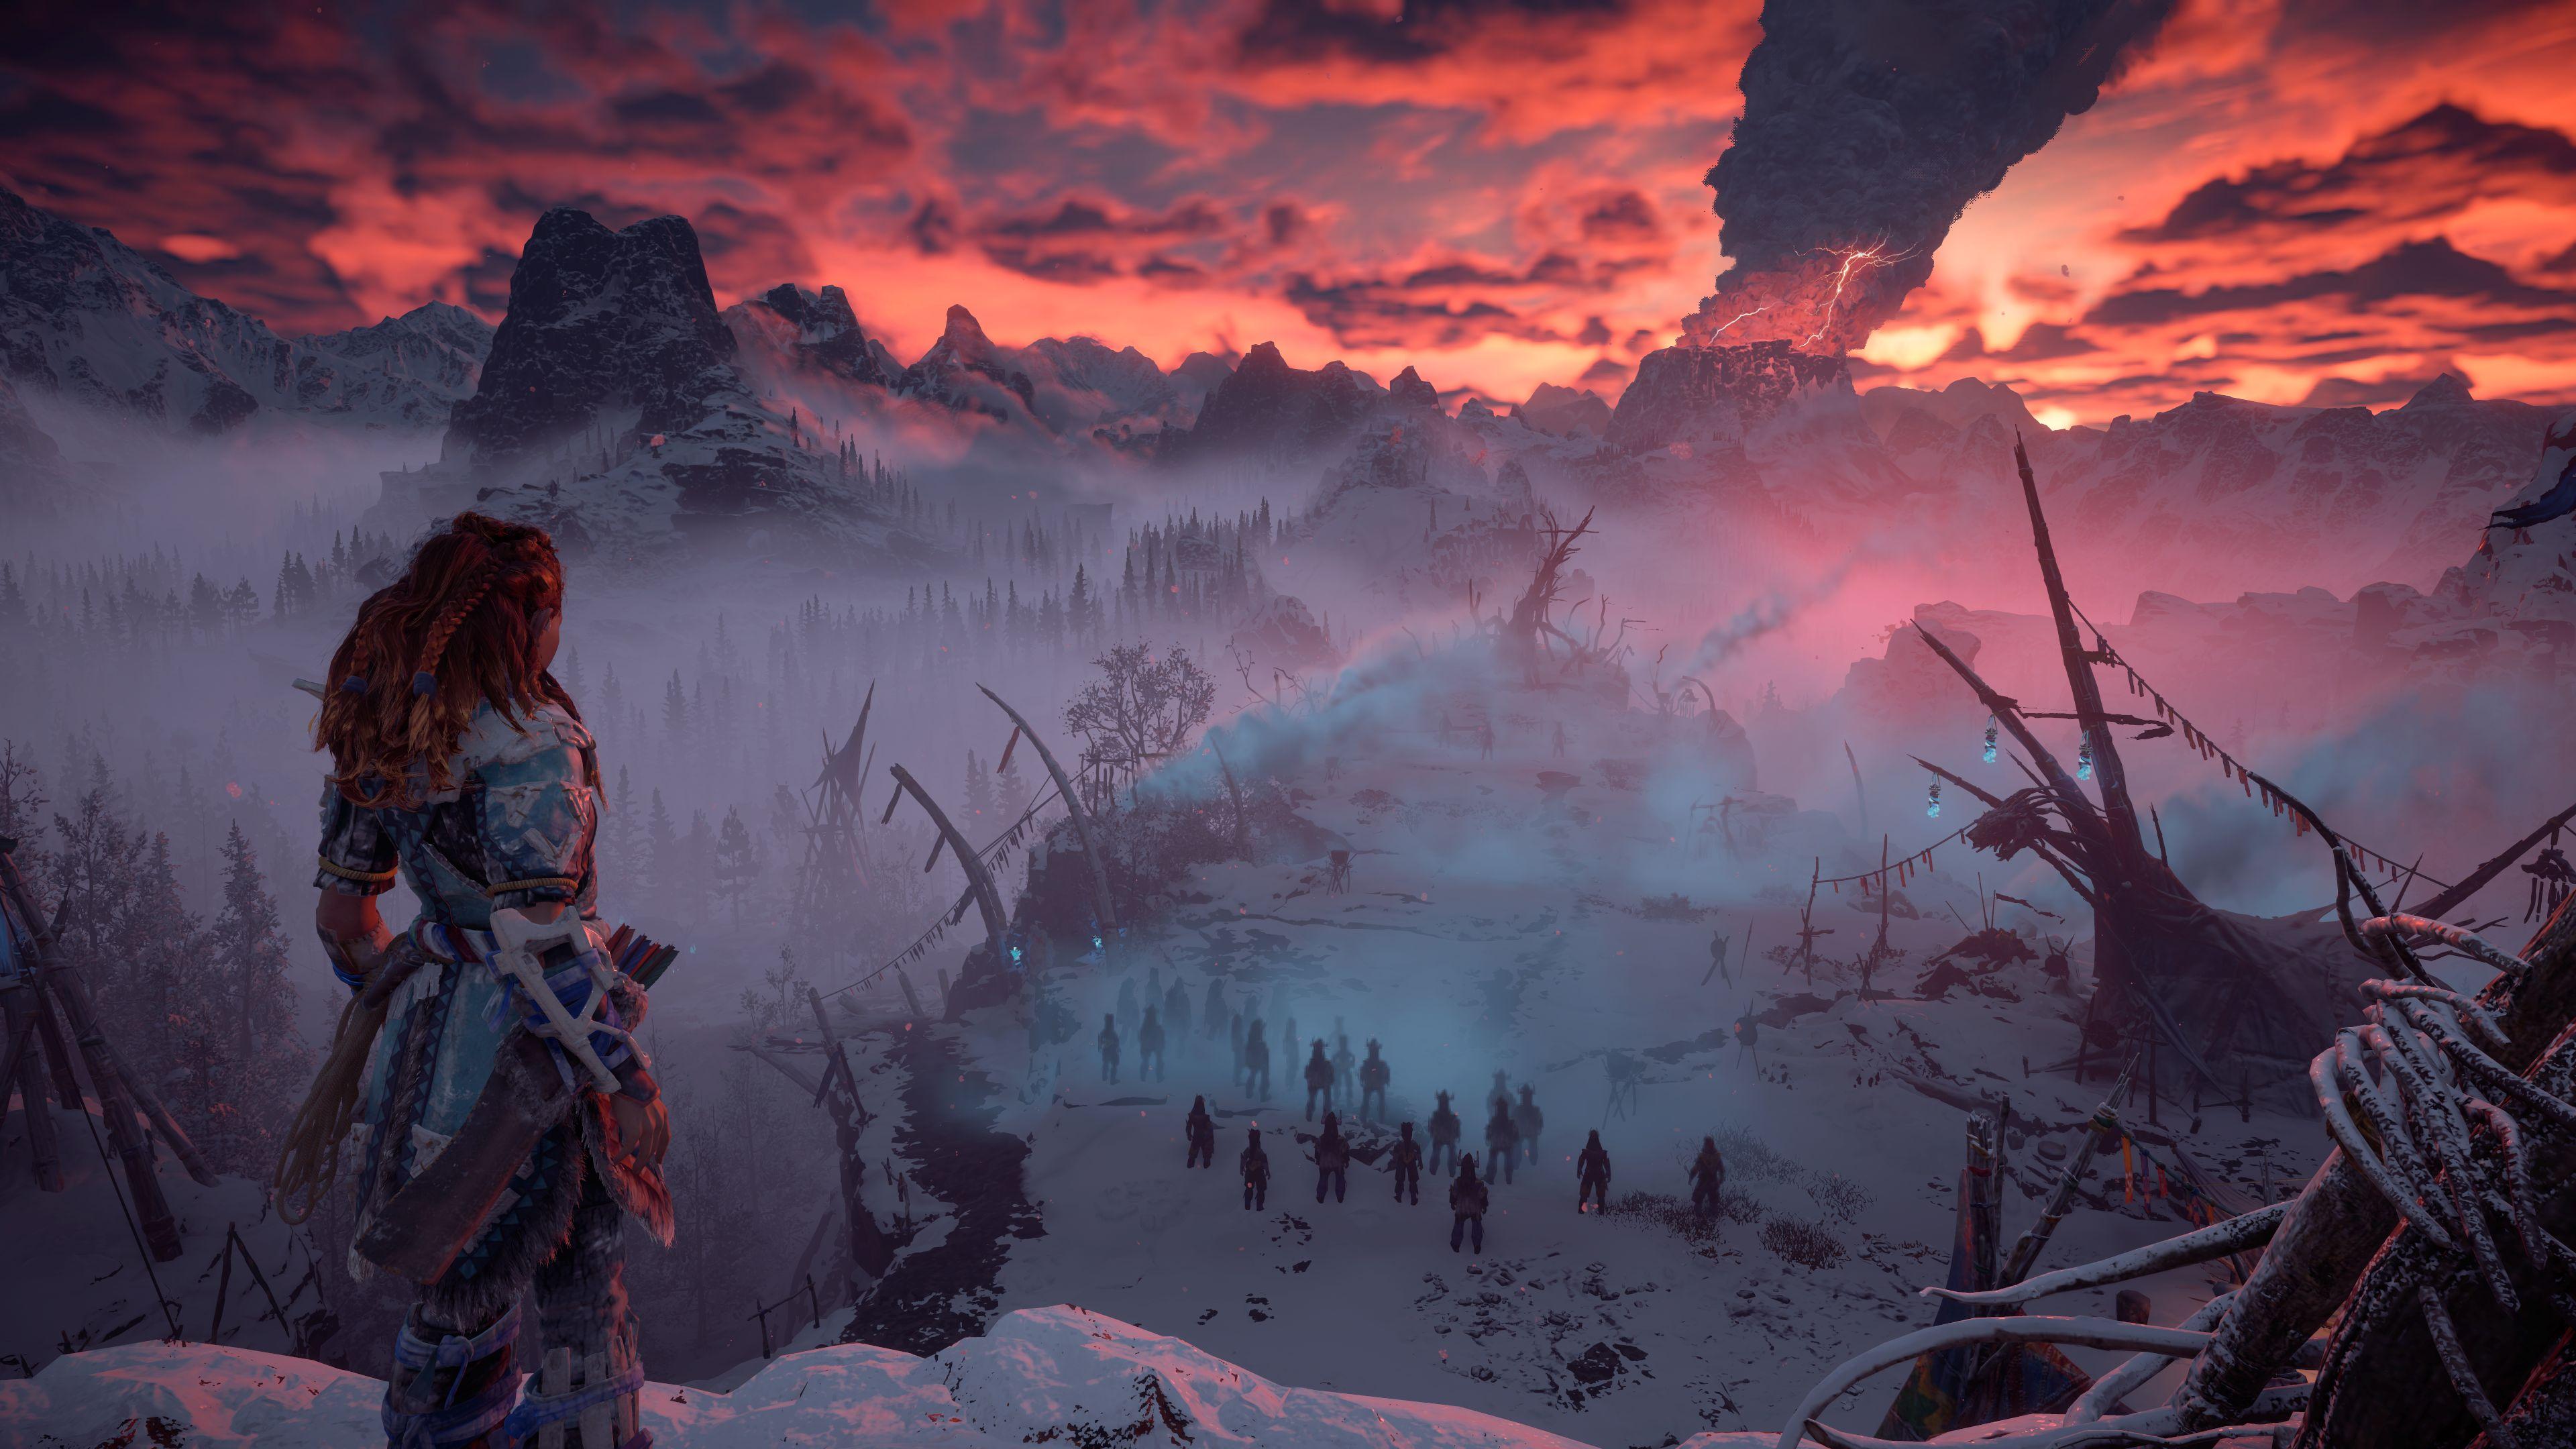 Nové obrázky z Horizon Zero Dawn: The Frozen Wilds 152119